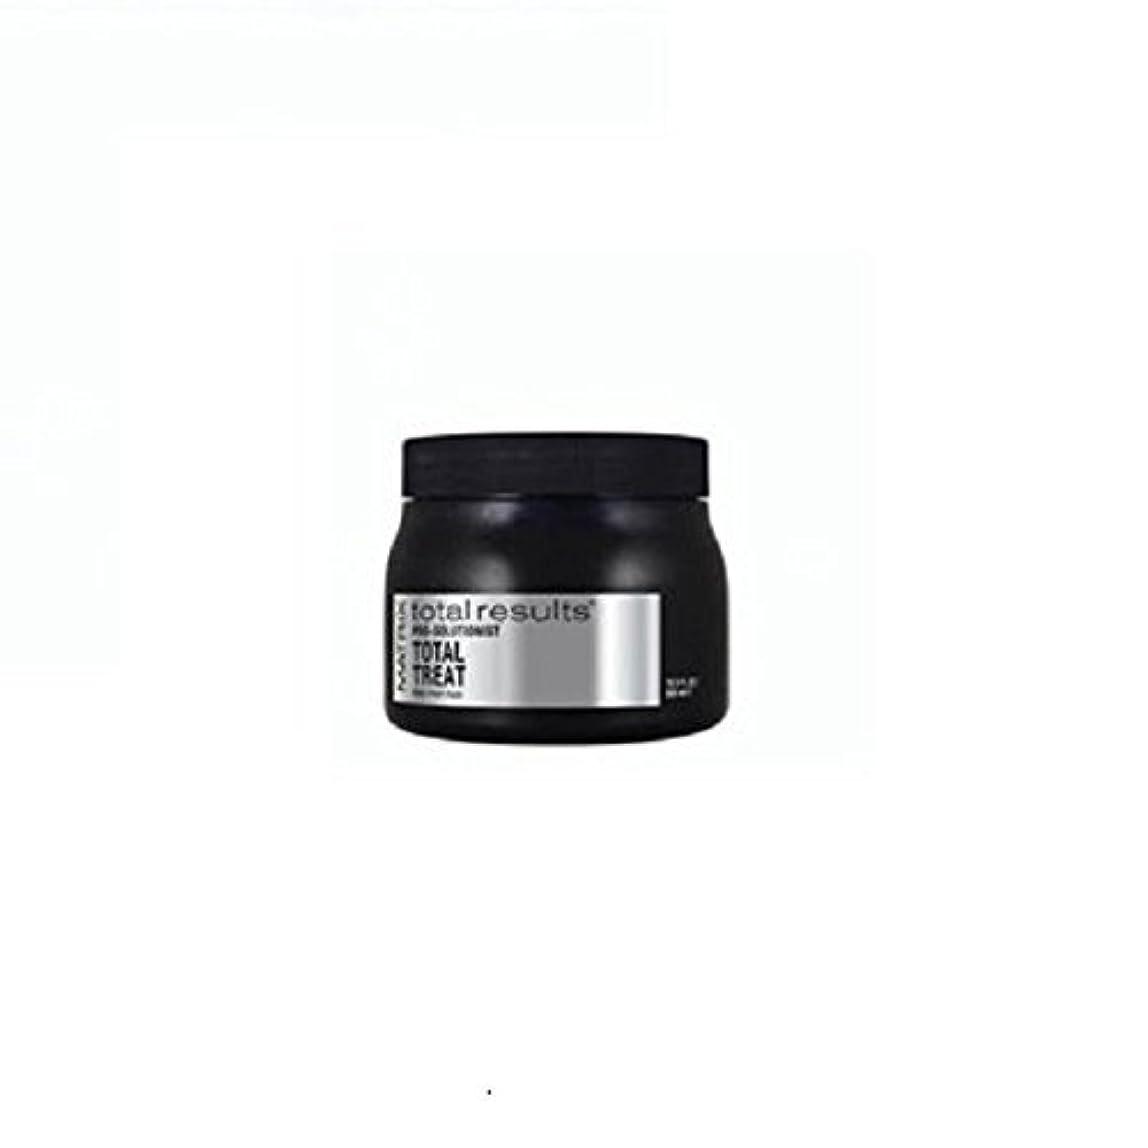 スリチンモイ専門用語フォーカスマトリックストータルリザルトプロソリリストディープクリームマスク500ml